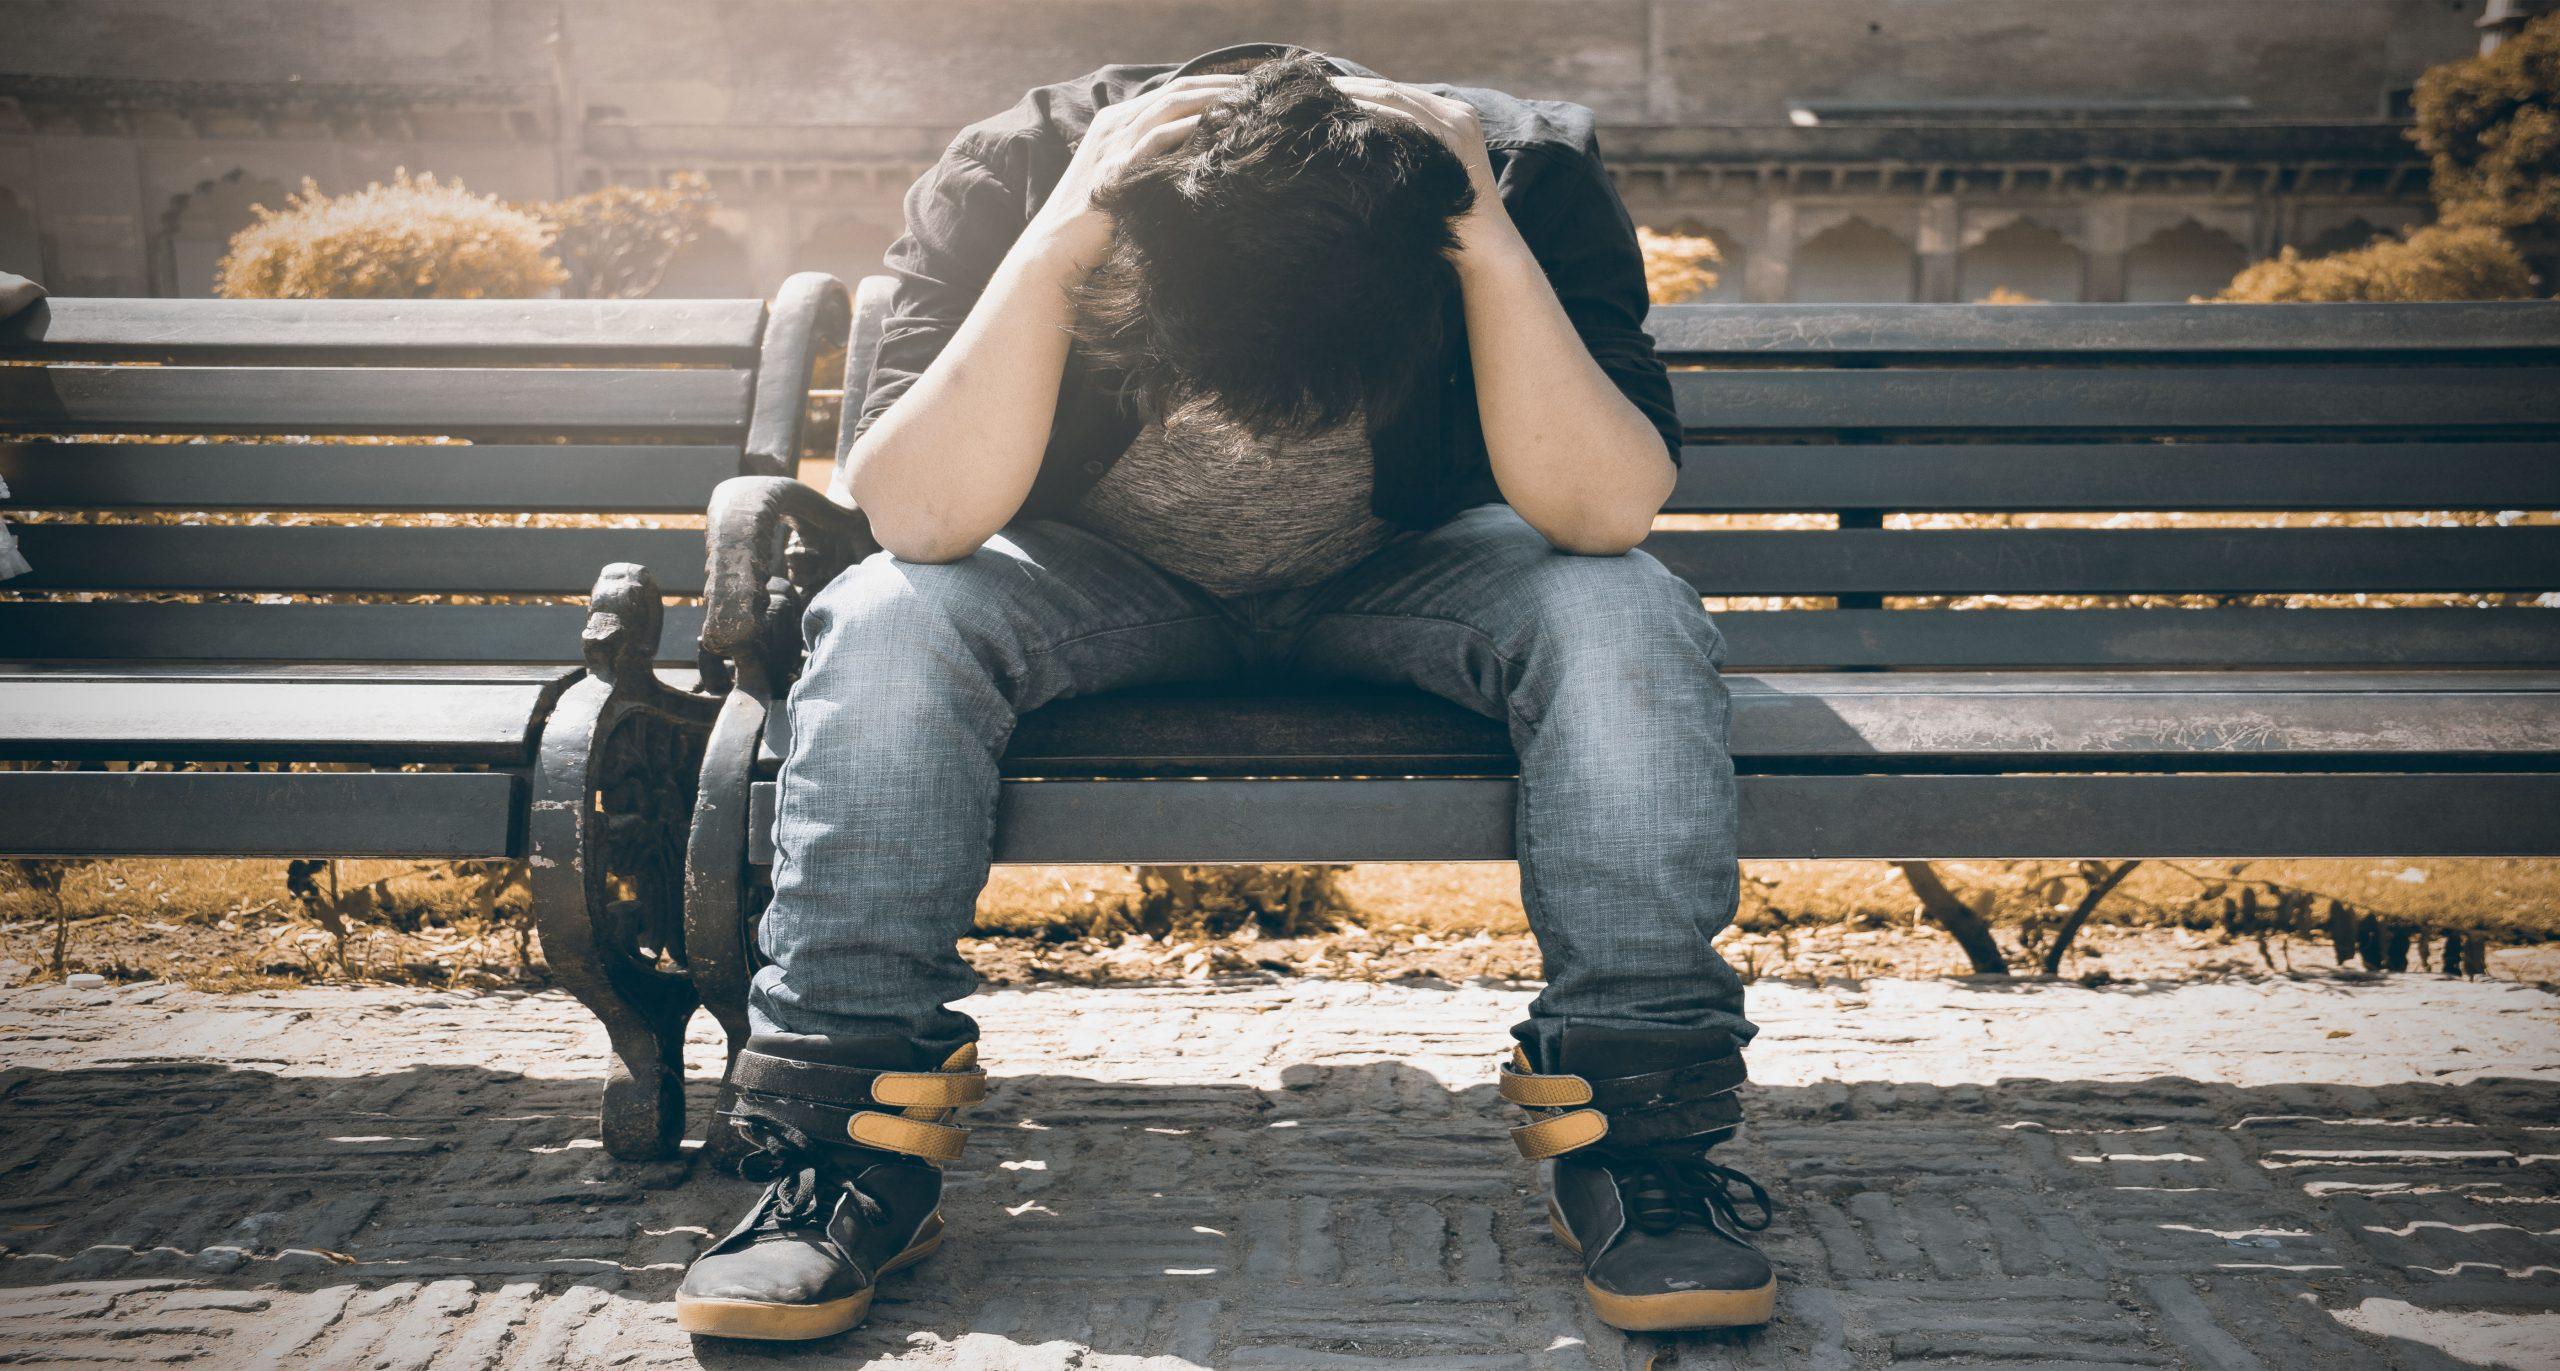 adolescente sentado banco duelo triste